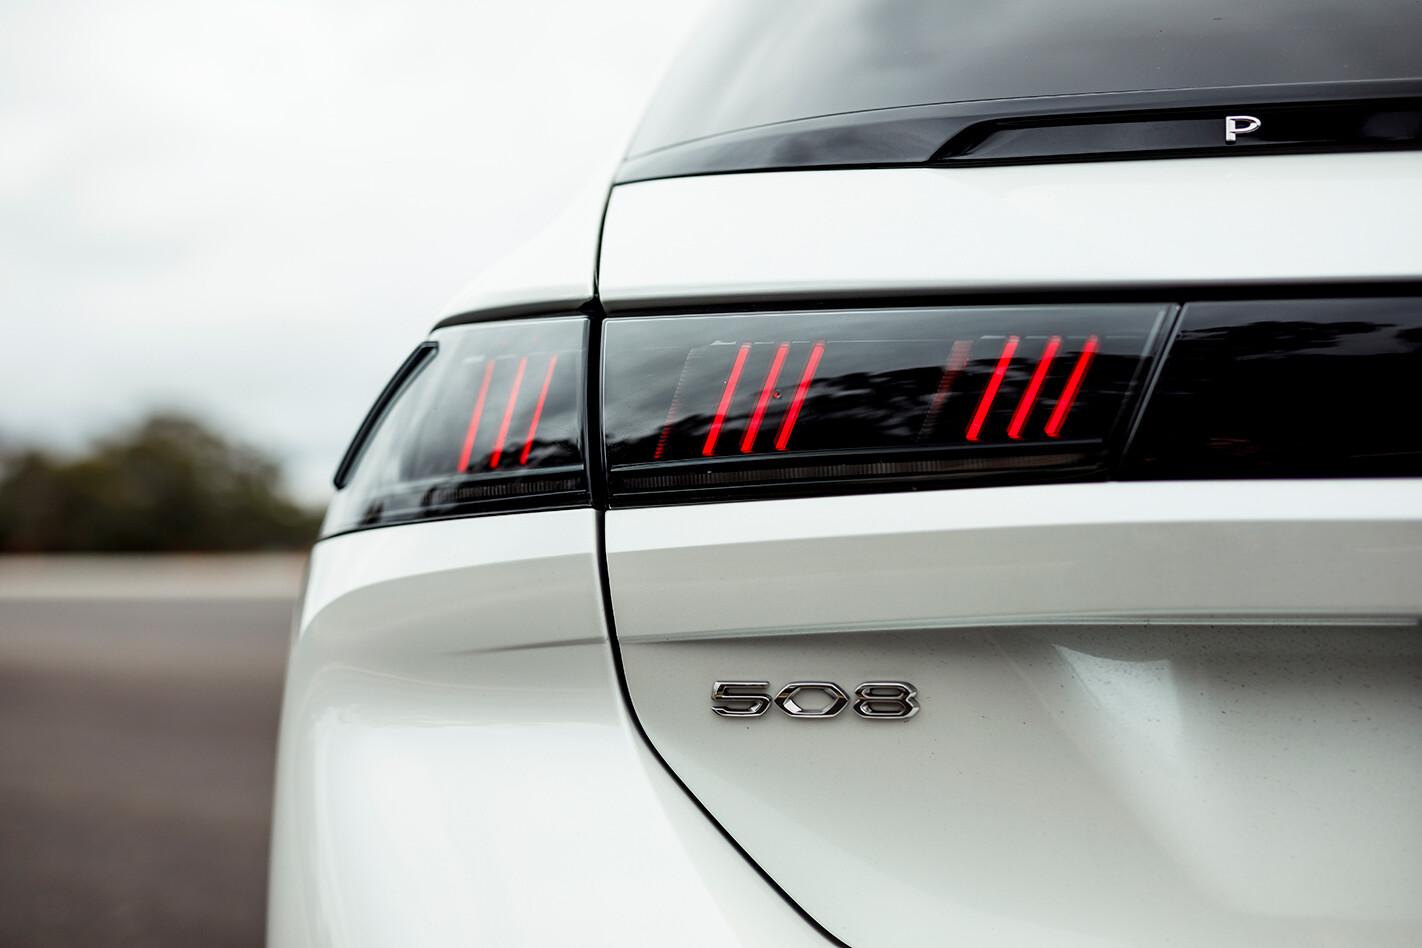 2020 Peugeot 508